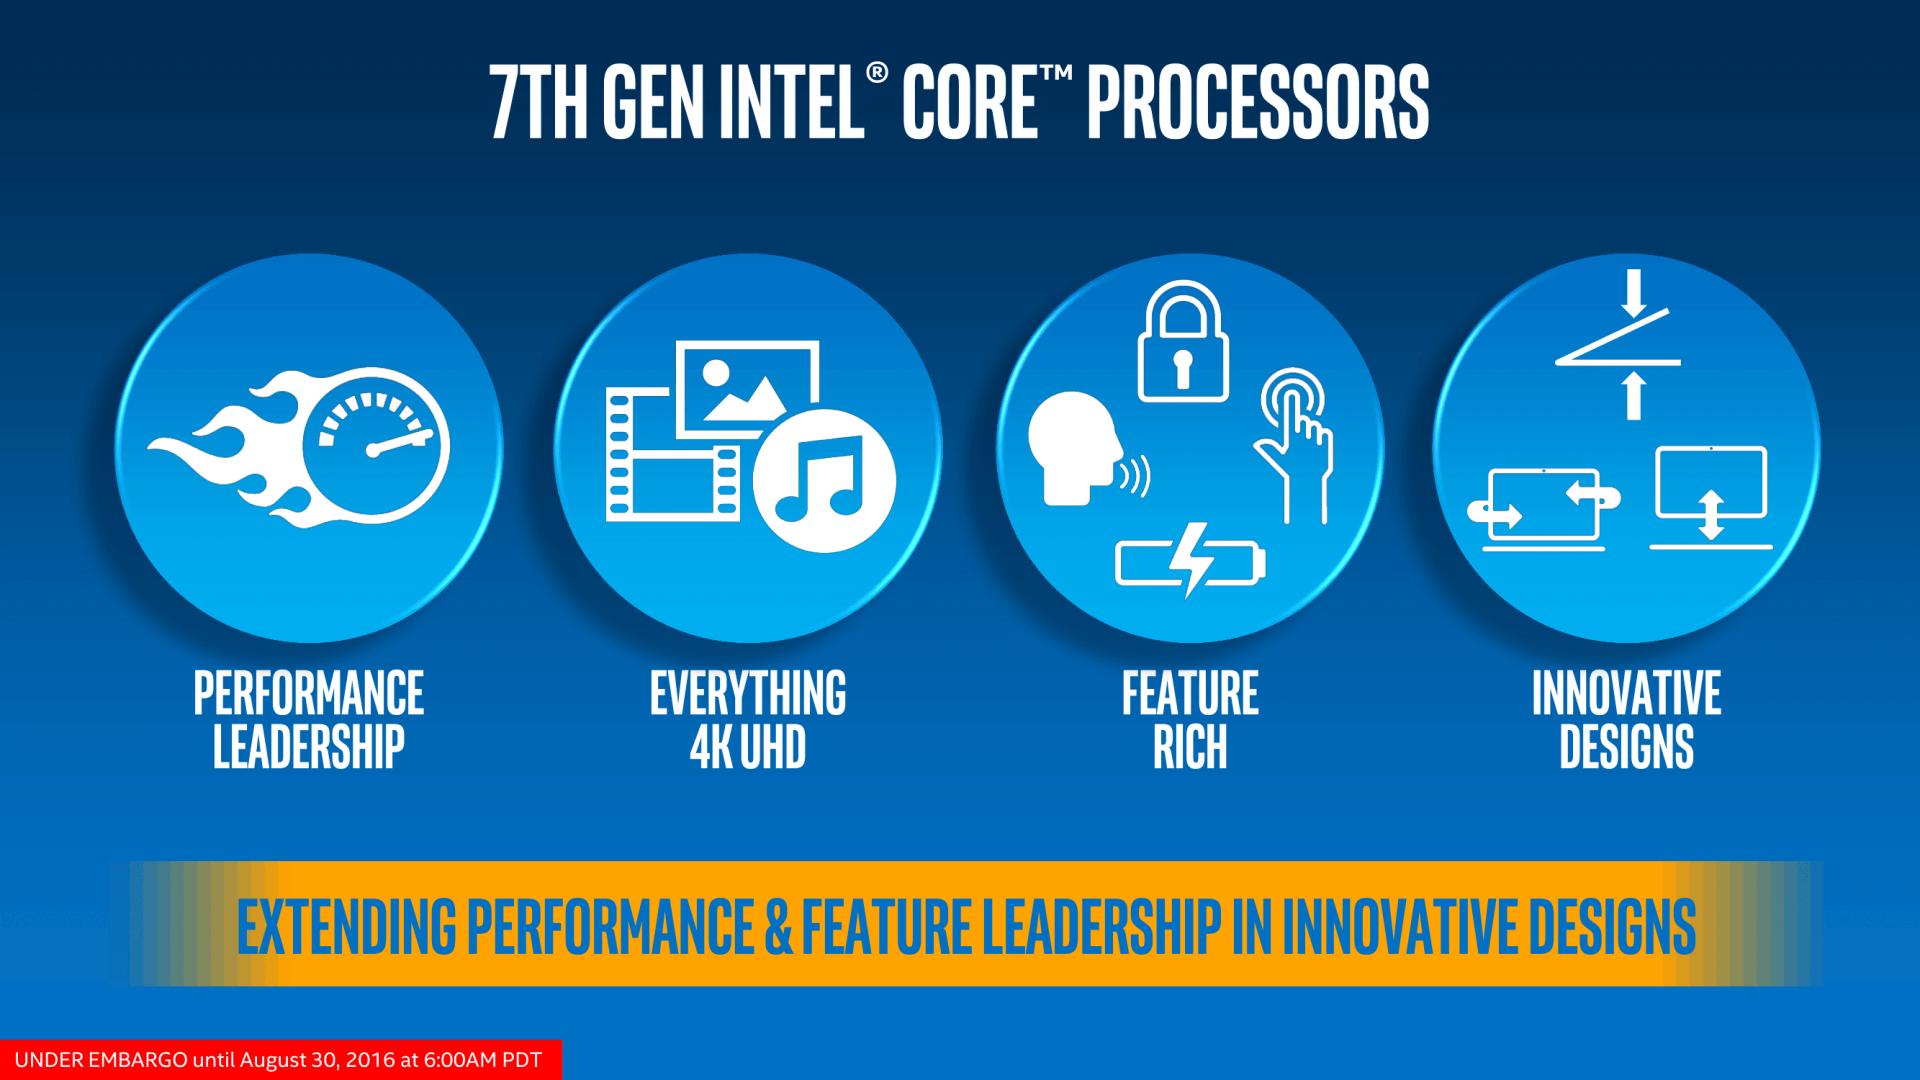 Gigabyte Z270x Gaming 9 Mit Intel Kaby Lake I5 7600k Getestet Gaz270x Socket 1151